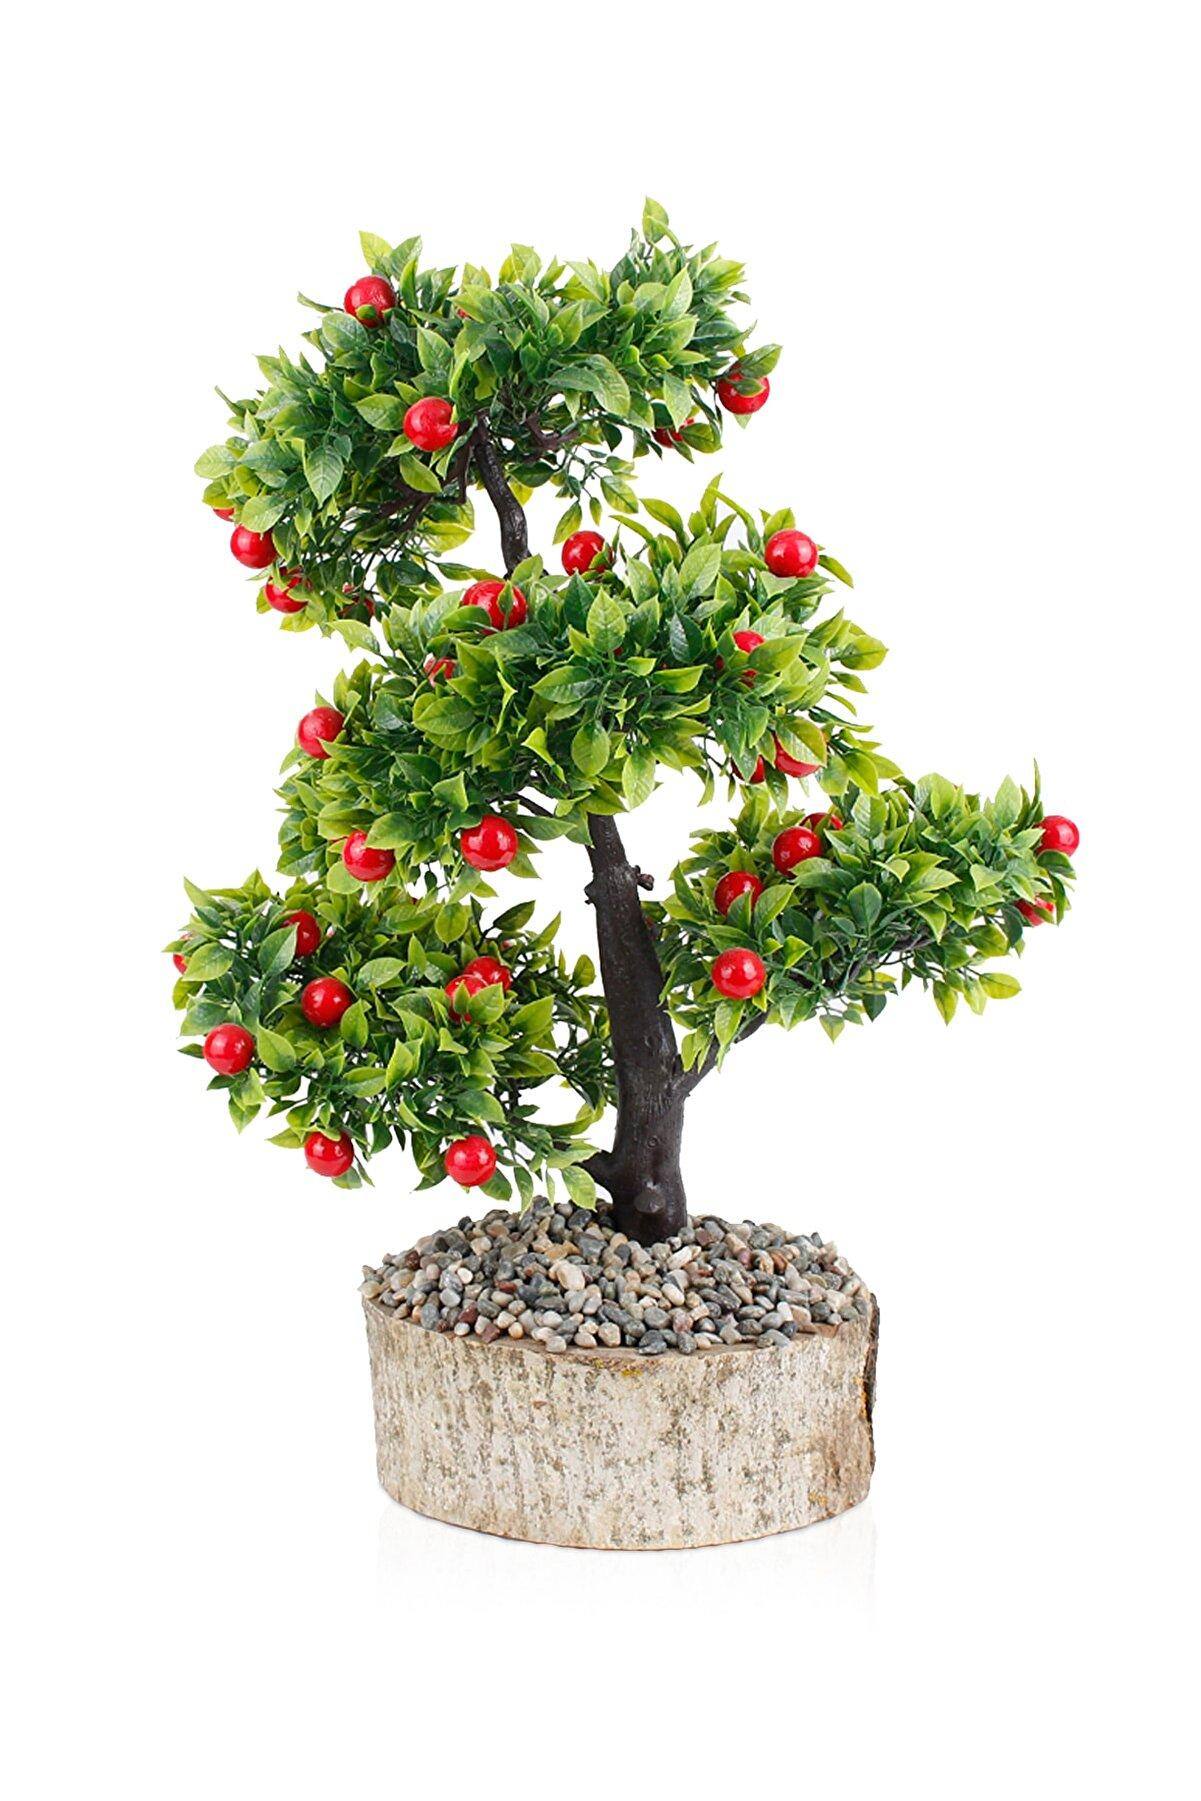 çiçekmisin Kütük Saksıda Yapay Kiraz Ağacı